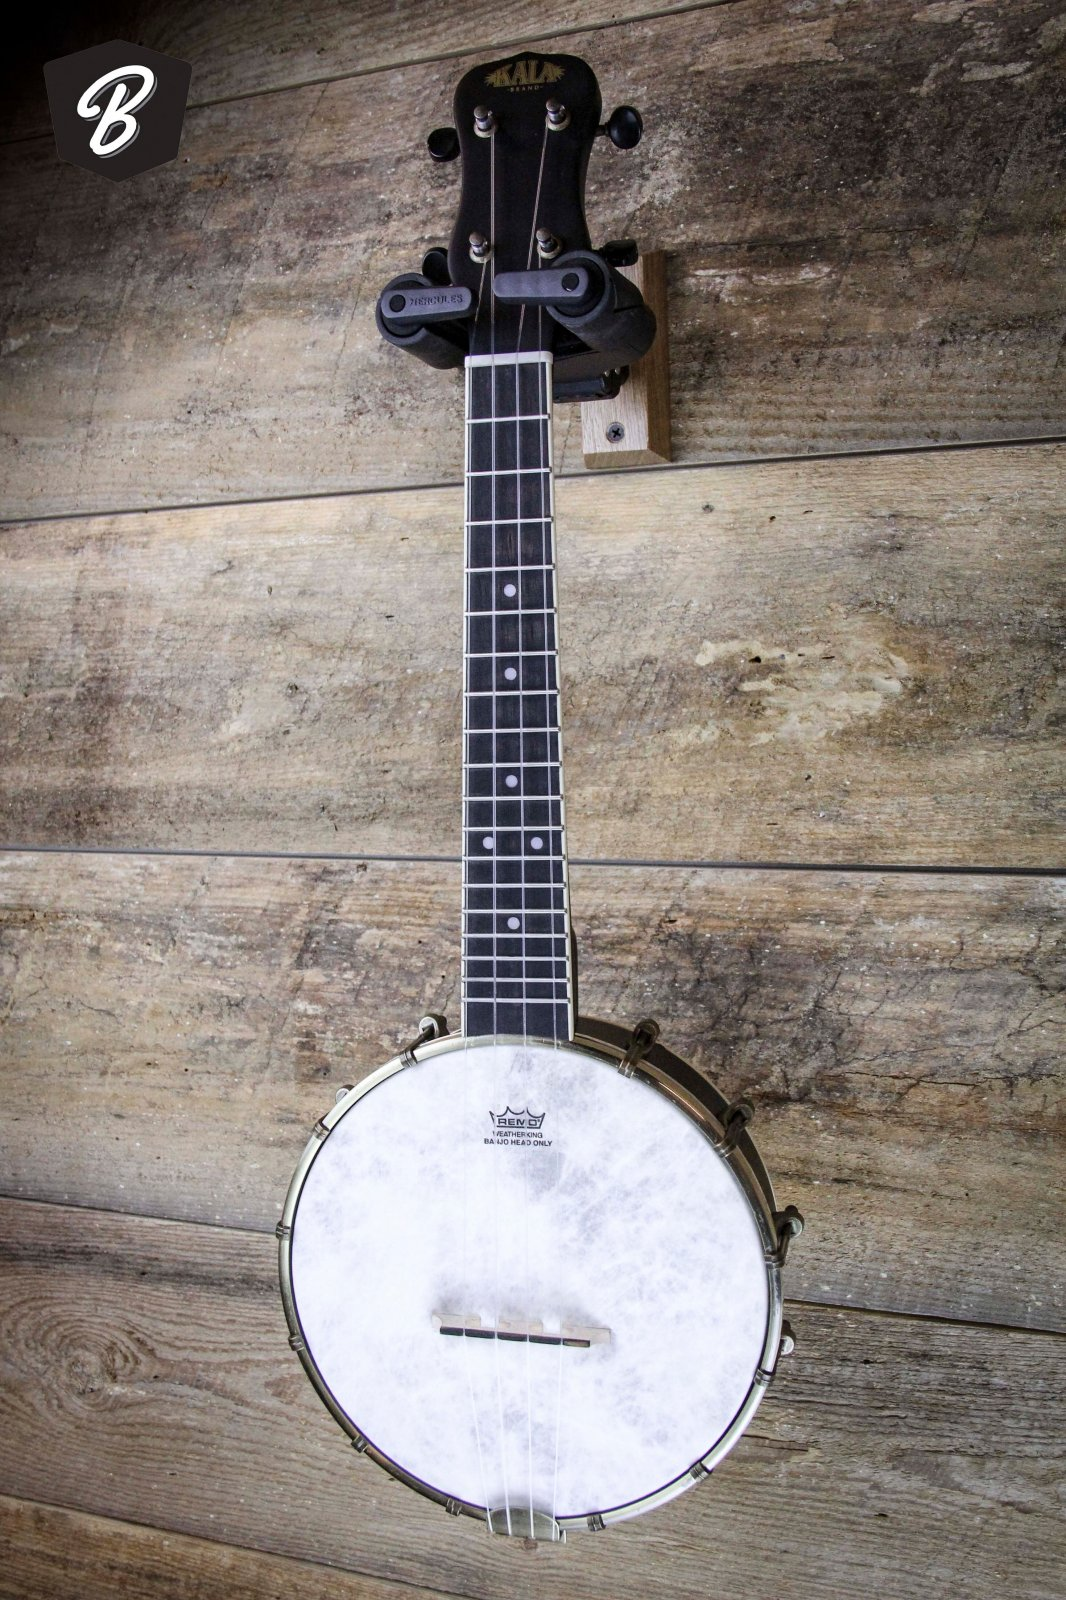 Kala KA-BNJ-C Banjo Ukulele (Banjolele) w/Gig Bag